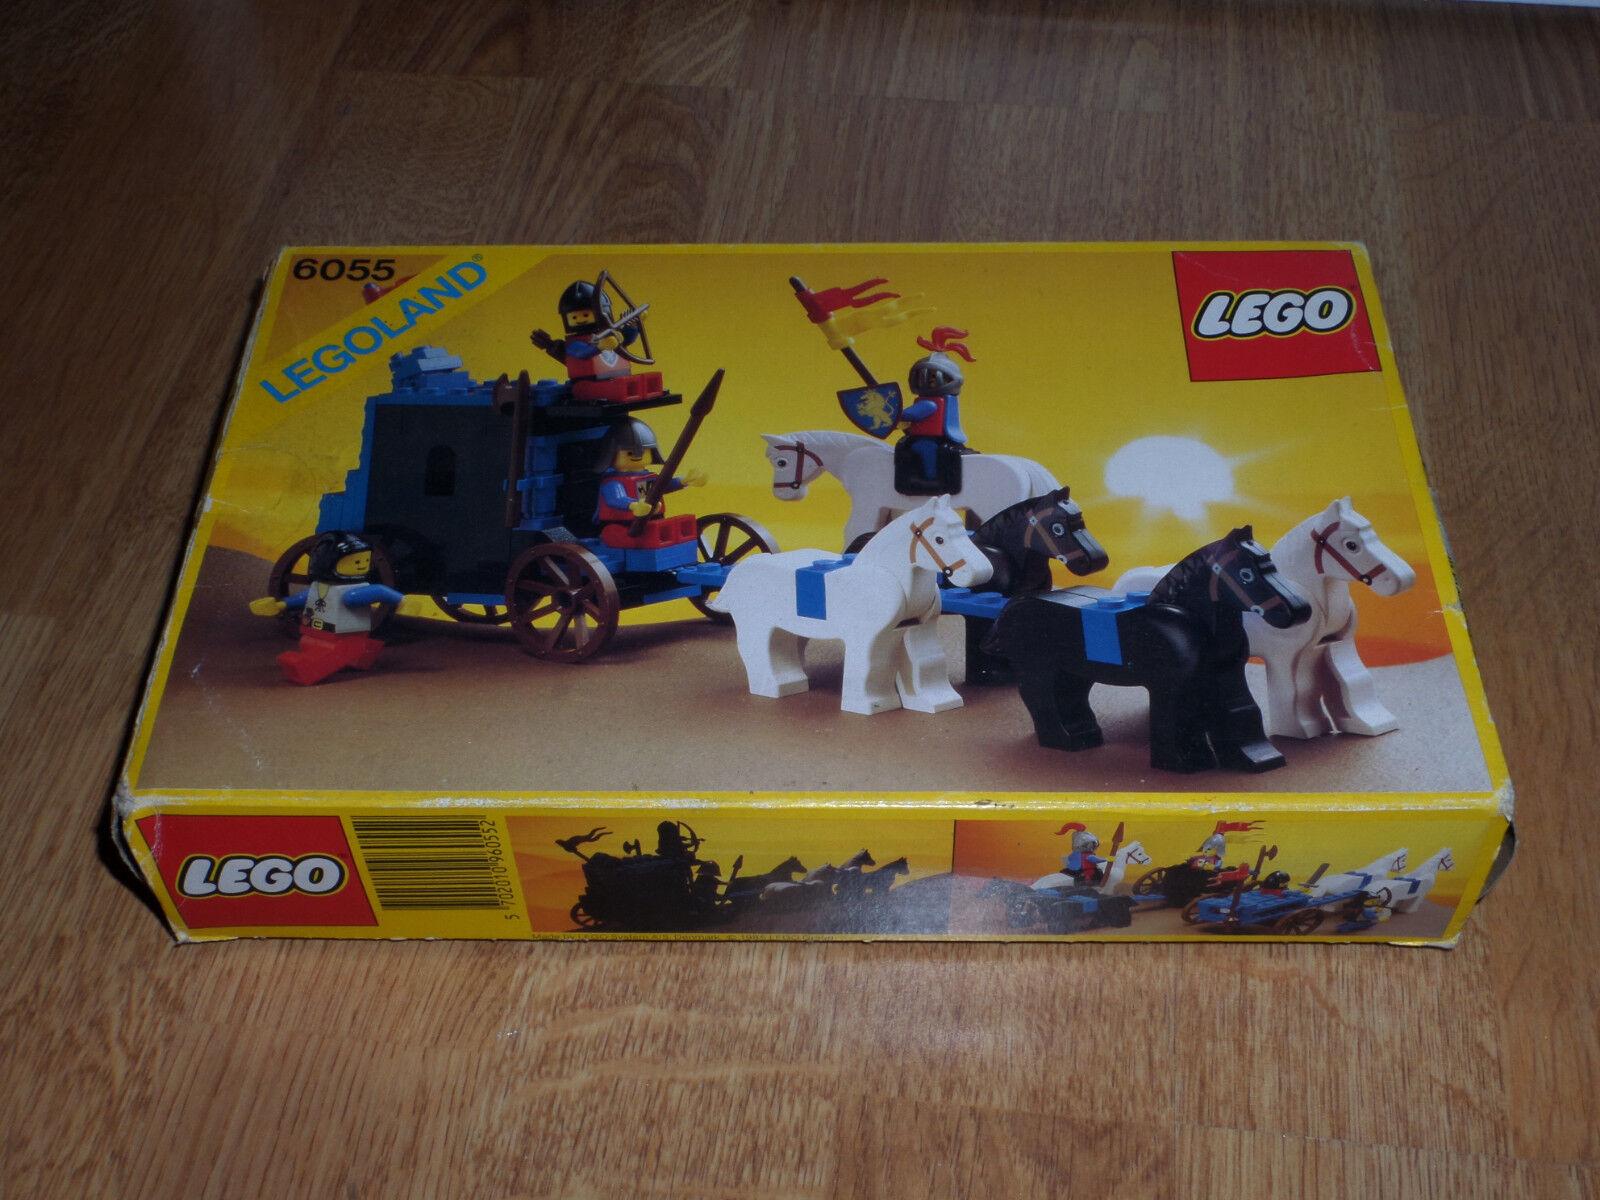 Lego 6055 100% complet avec instructions et boite pièces en très bon état (kg)xx